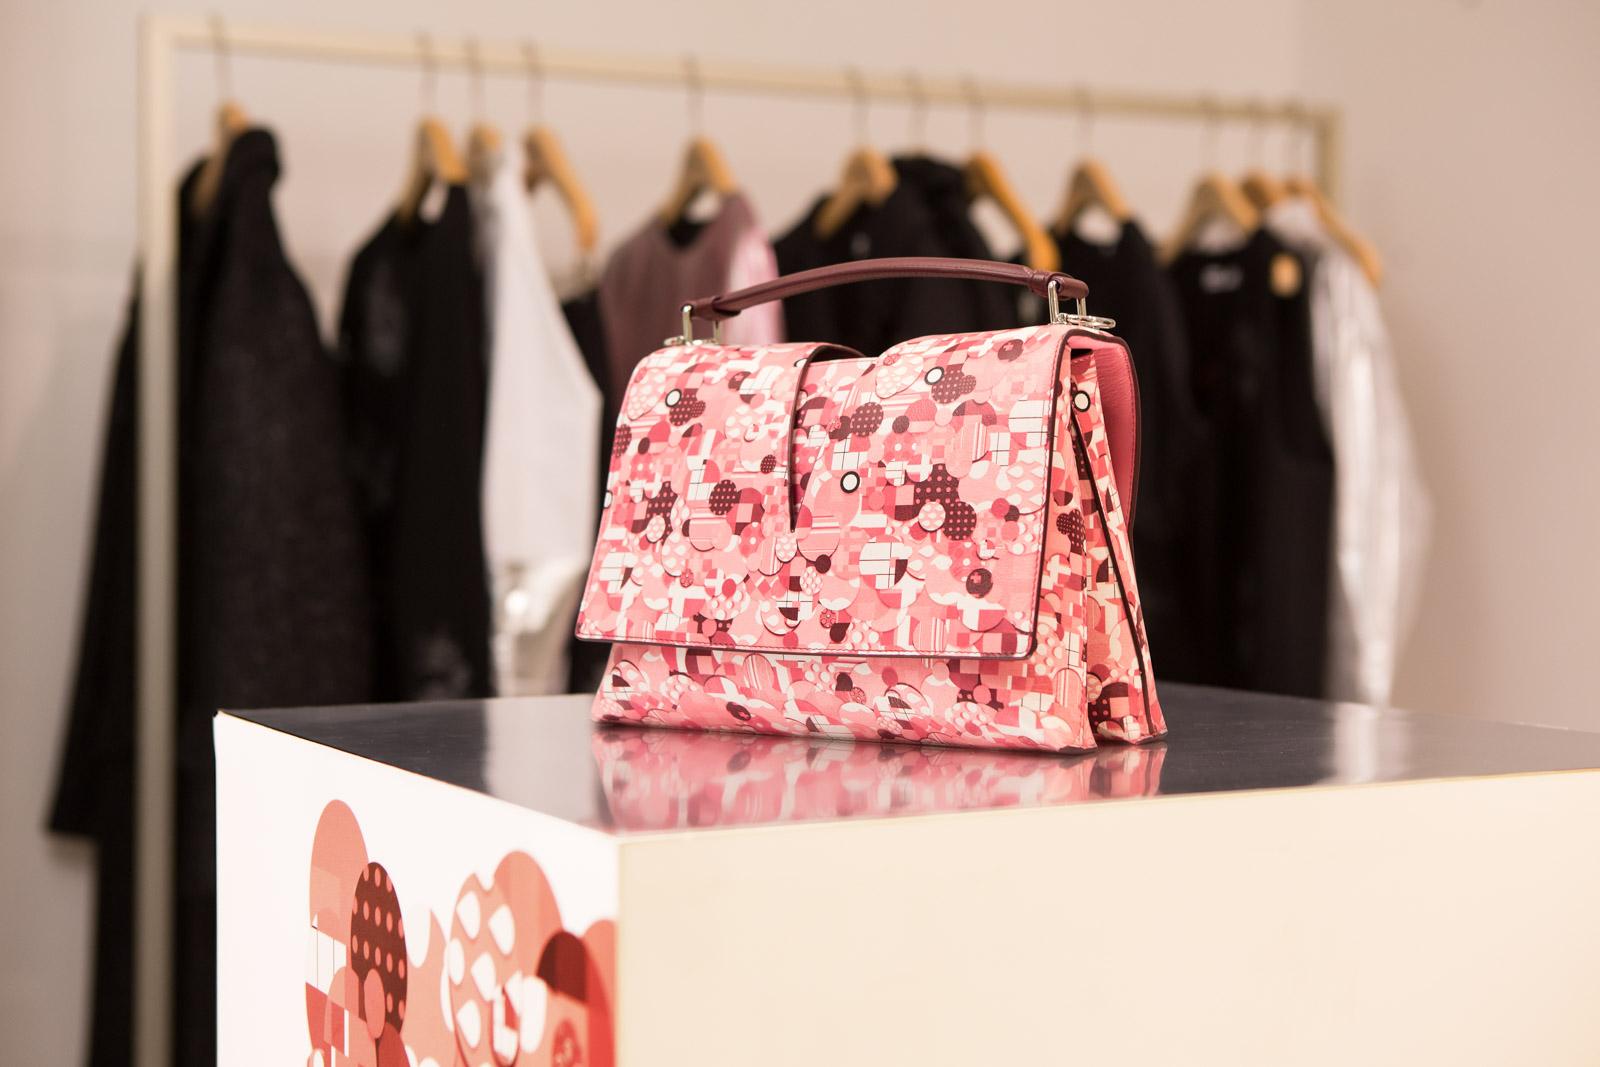 Jil Sander выпустил культовую сумку View Bag с принтом a la russe всего в  20 экземплярах e3391514caf